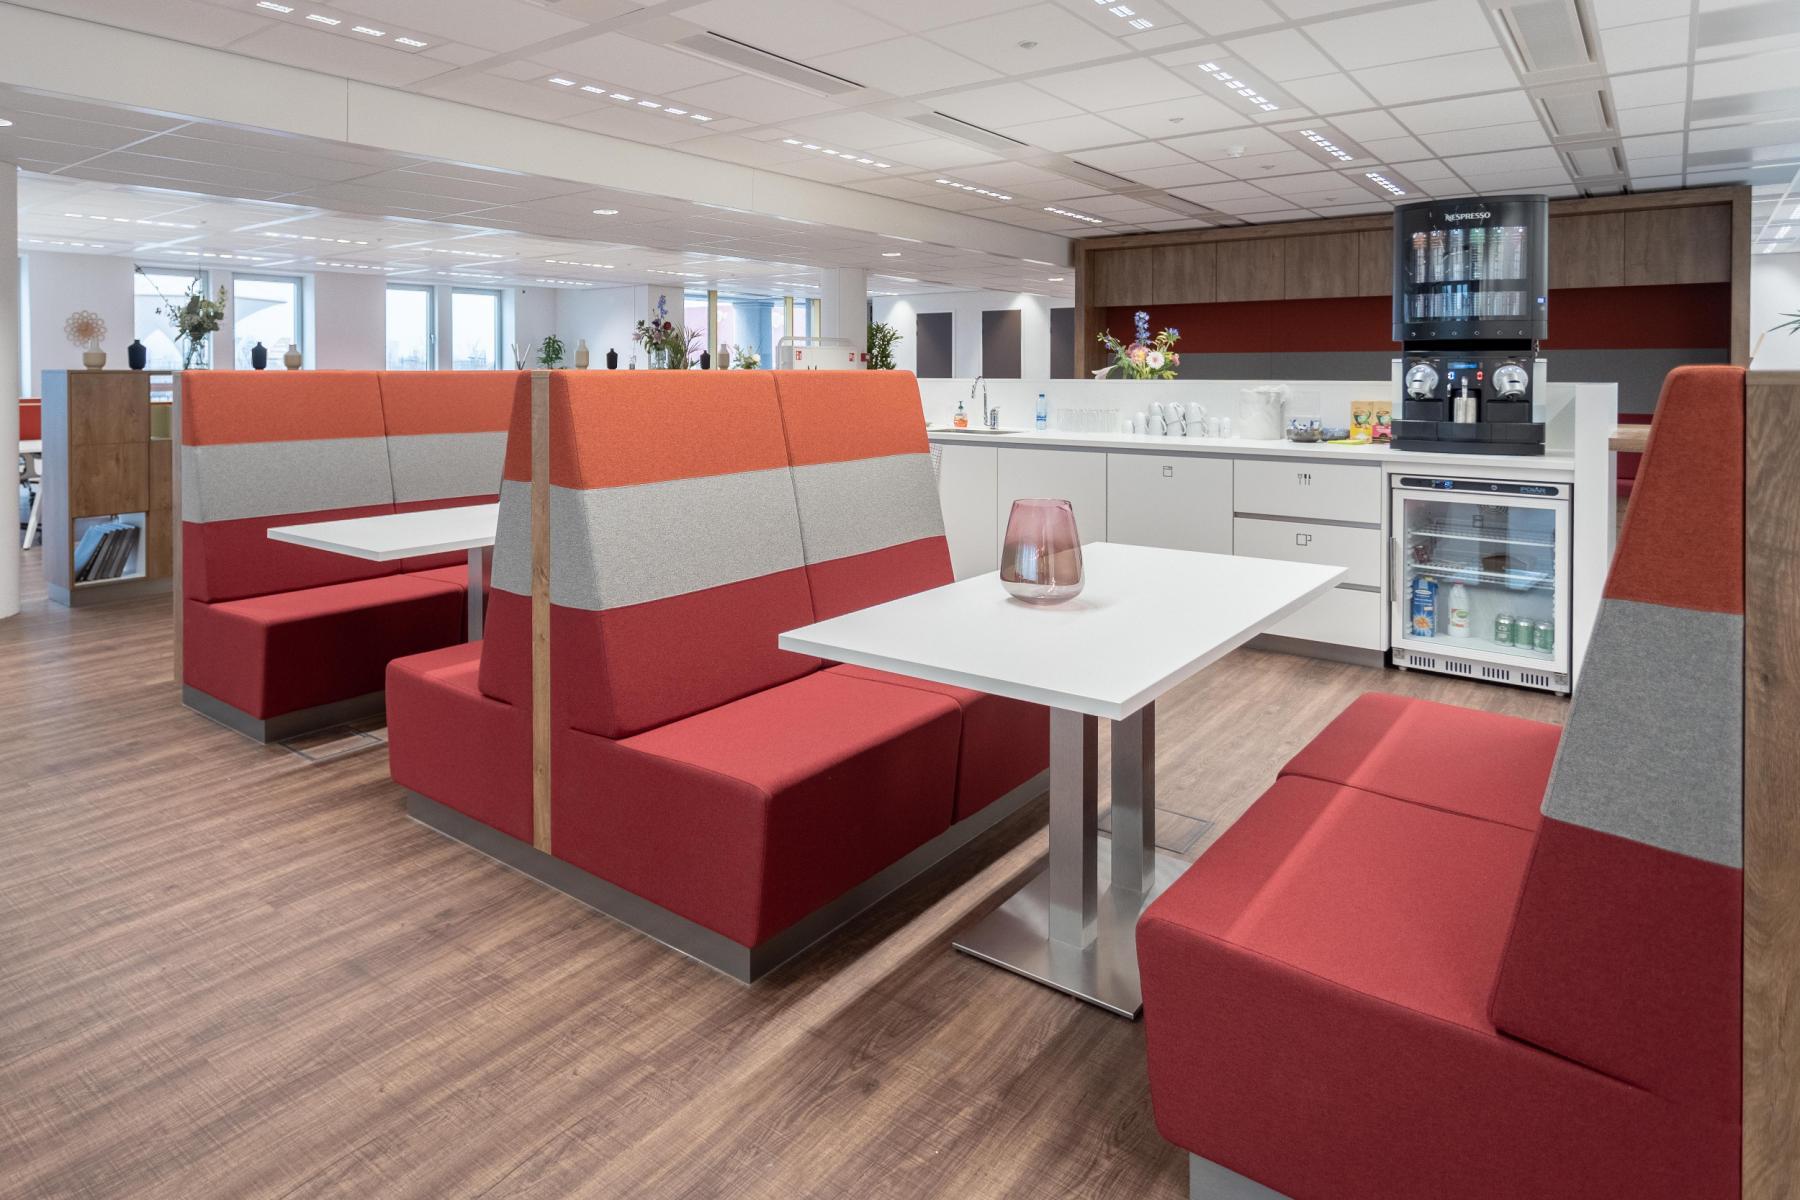 kantine pauze ruimte lunch ruimte binnen Utrecht kantoorpand